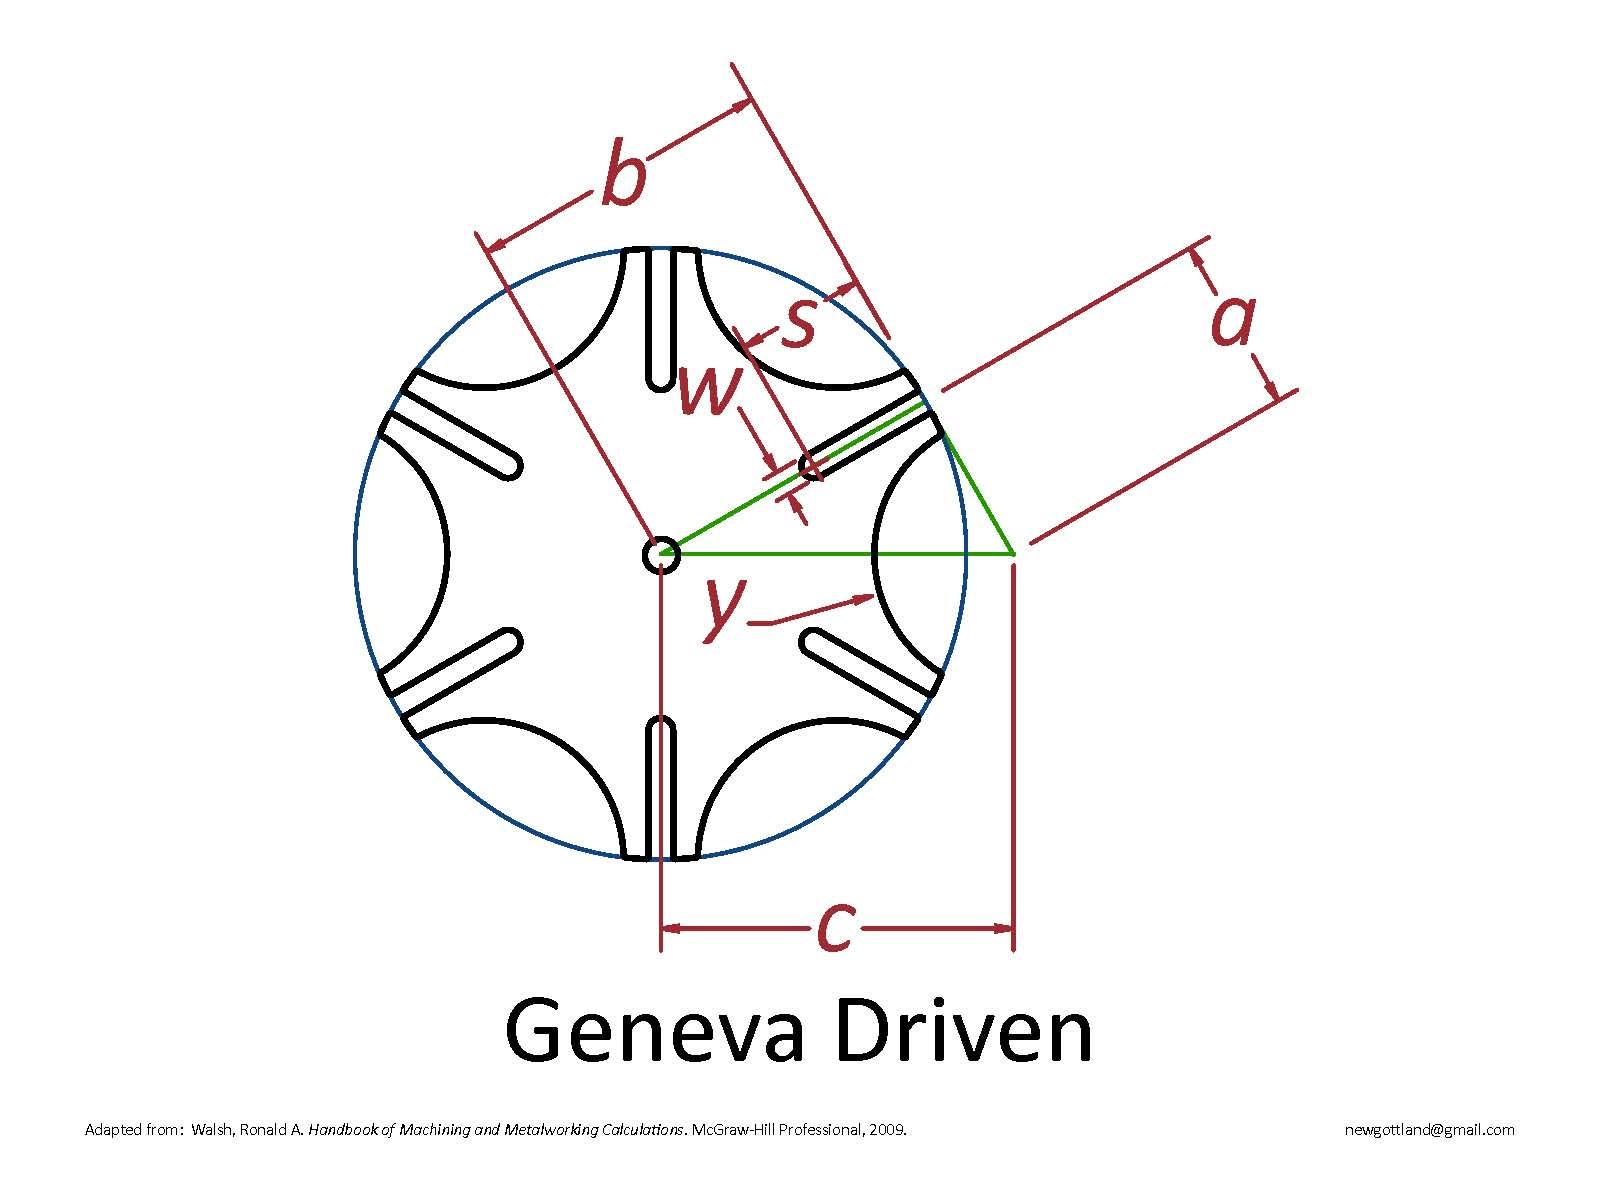 1600x1200 Make Geneva Wheels Of Any Size New Gottland